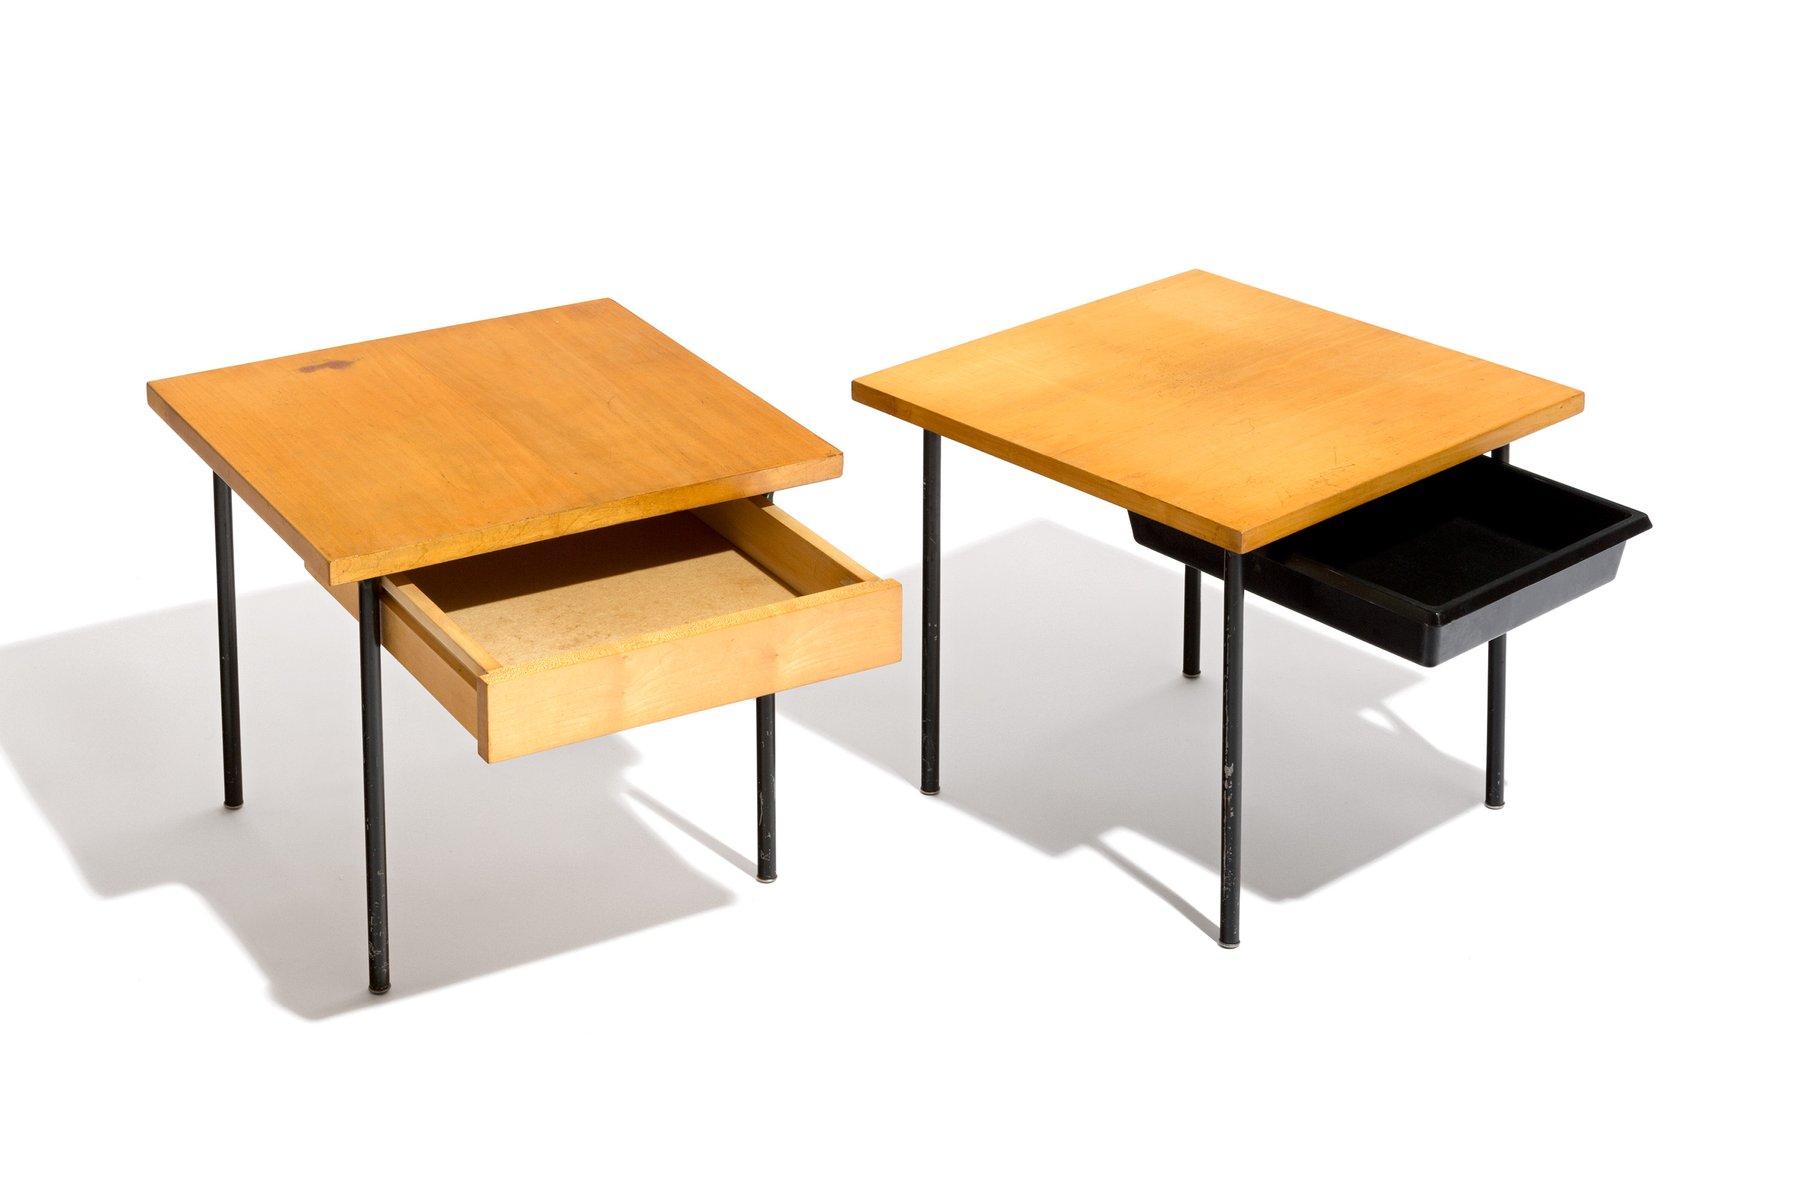 tables de chevet mid century suisse 1950s set de 2 en vente sur pamono. Black Bedroom Furniture Sets. Home Design Ideas